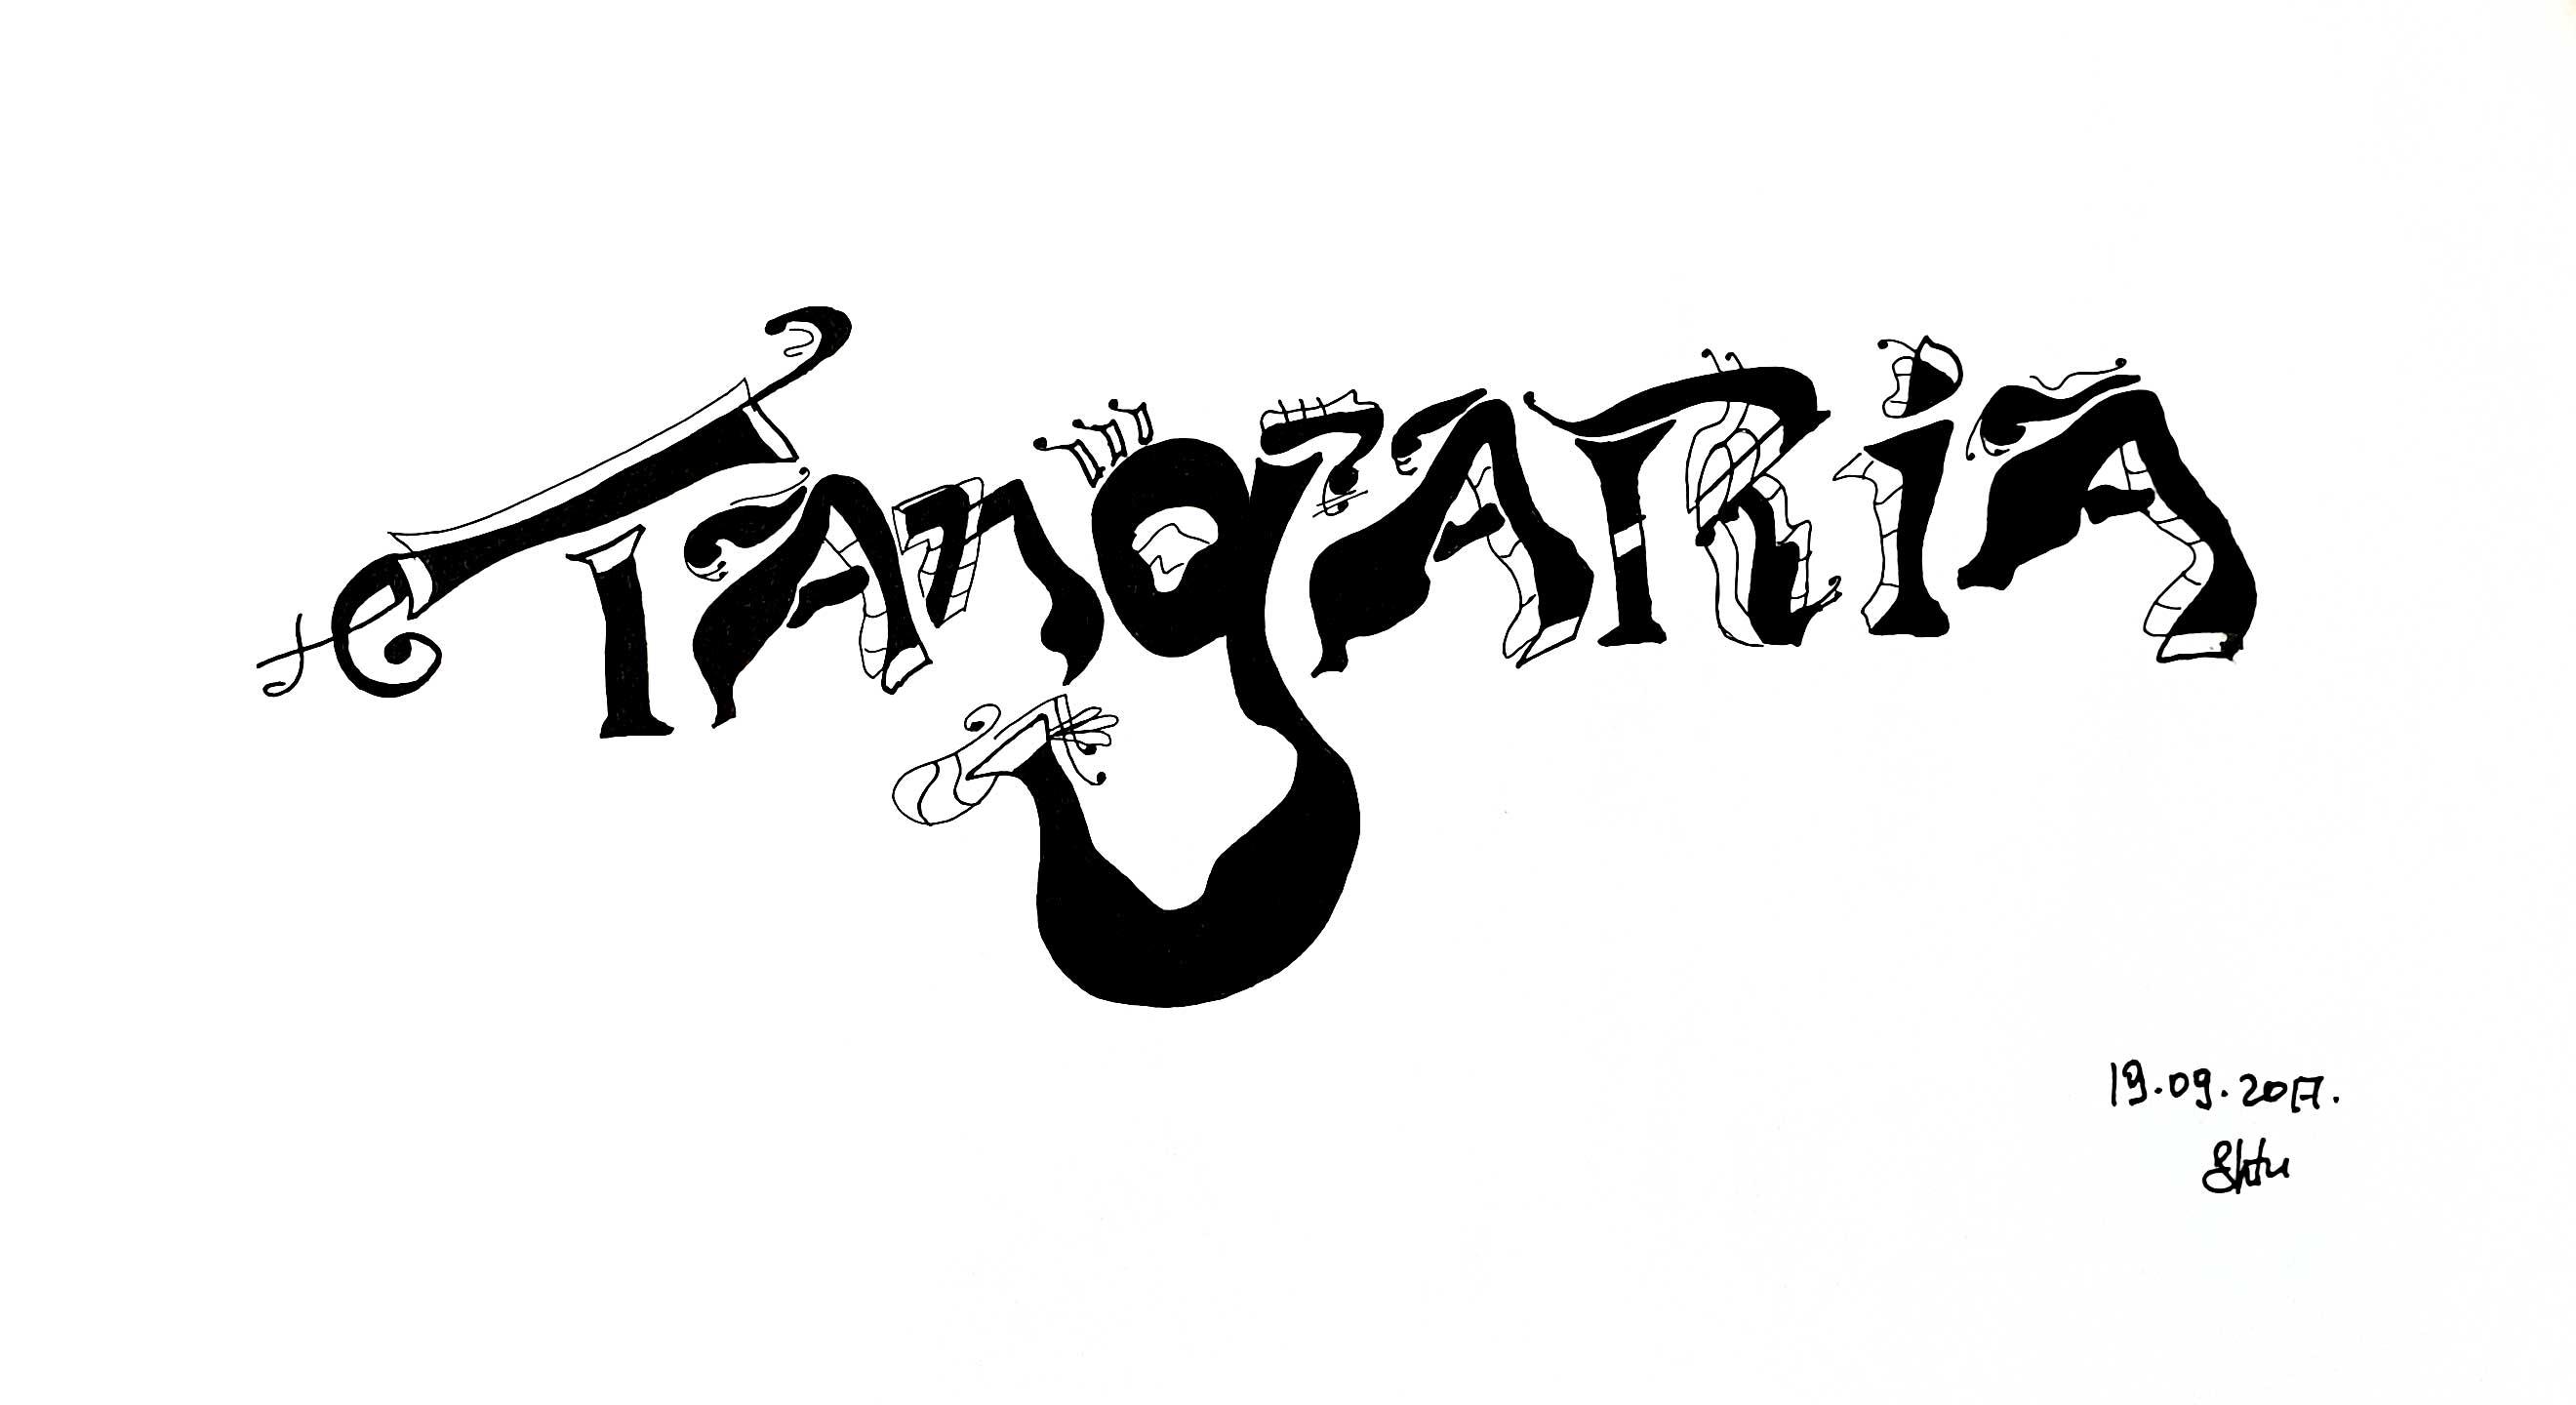 Tangaria